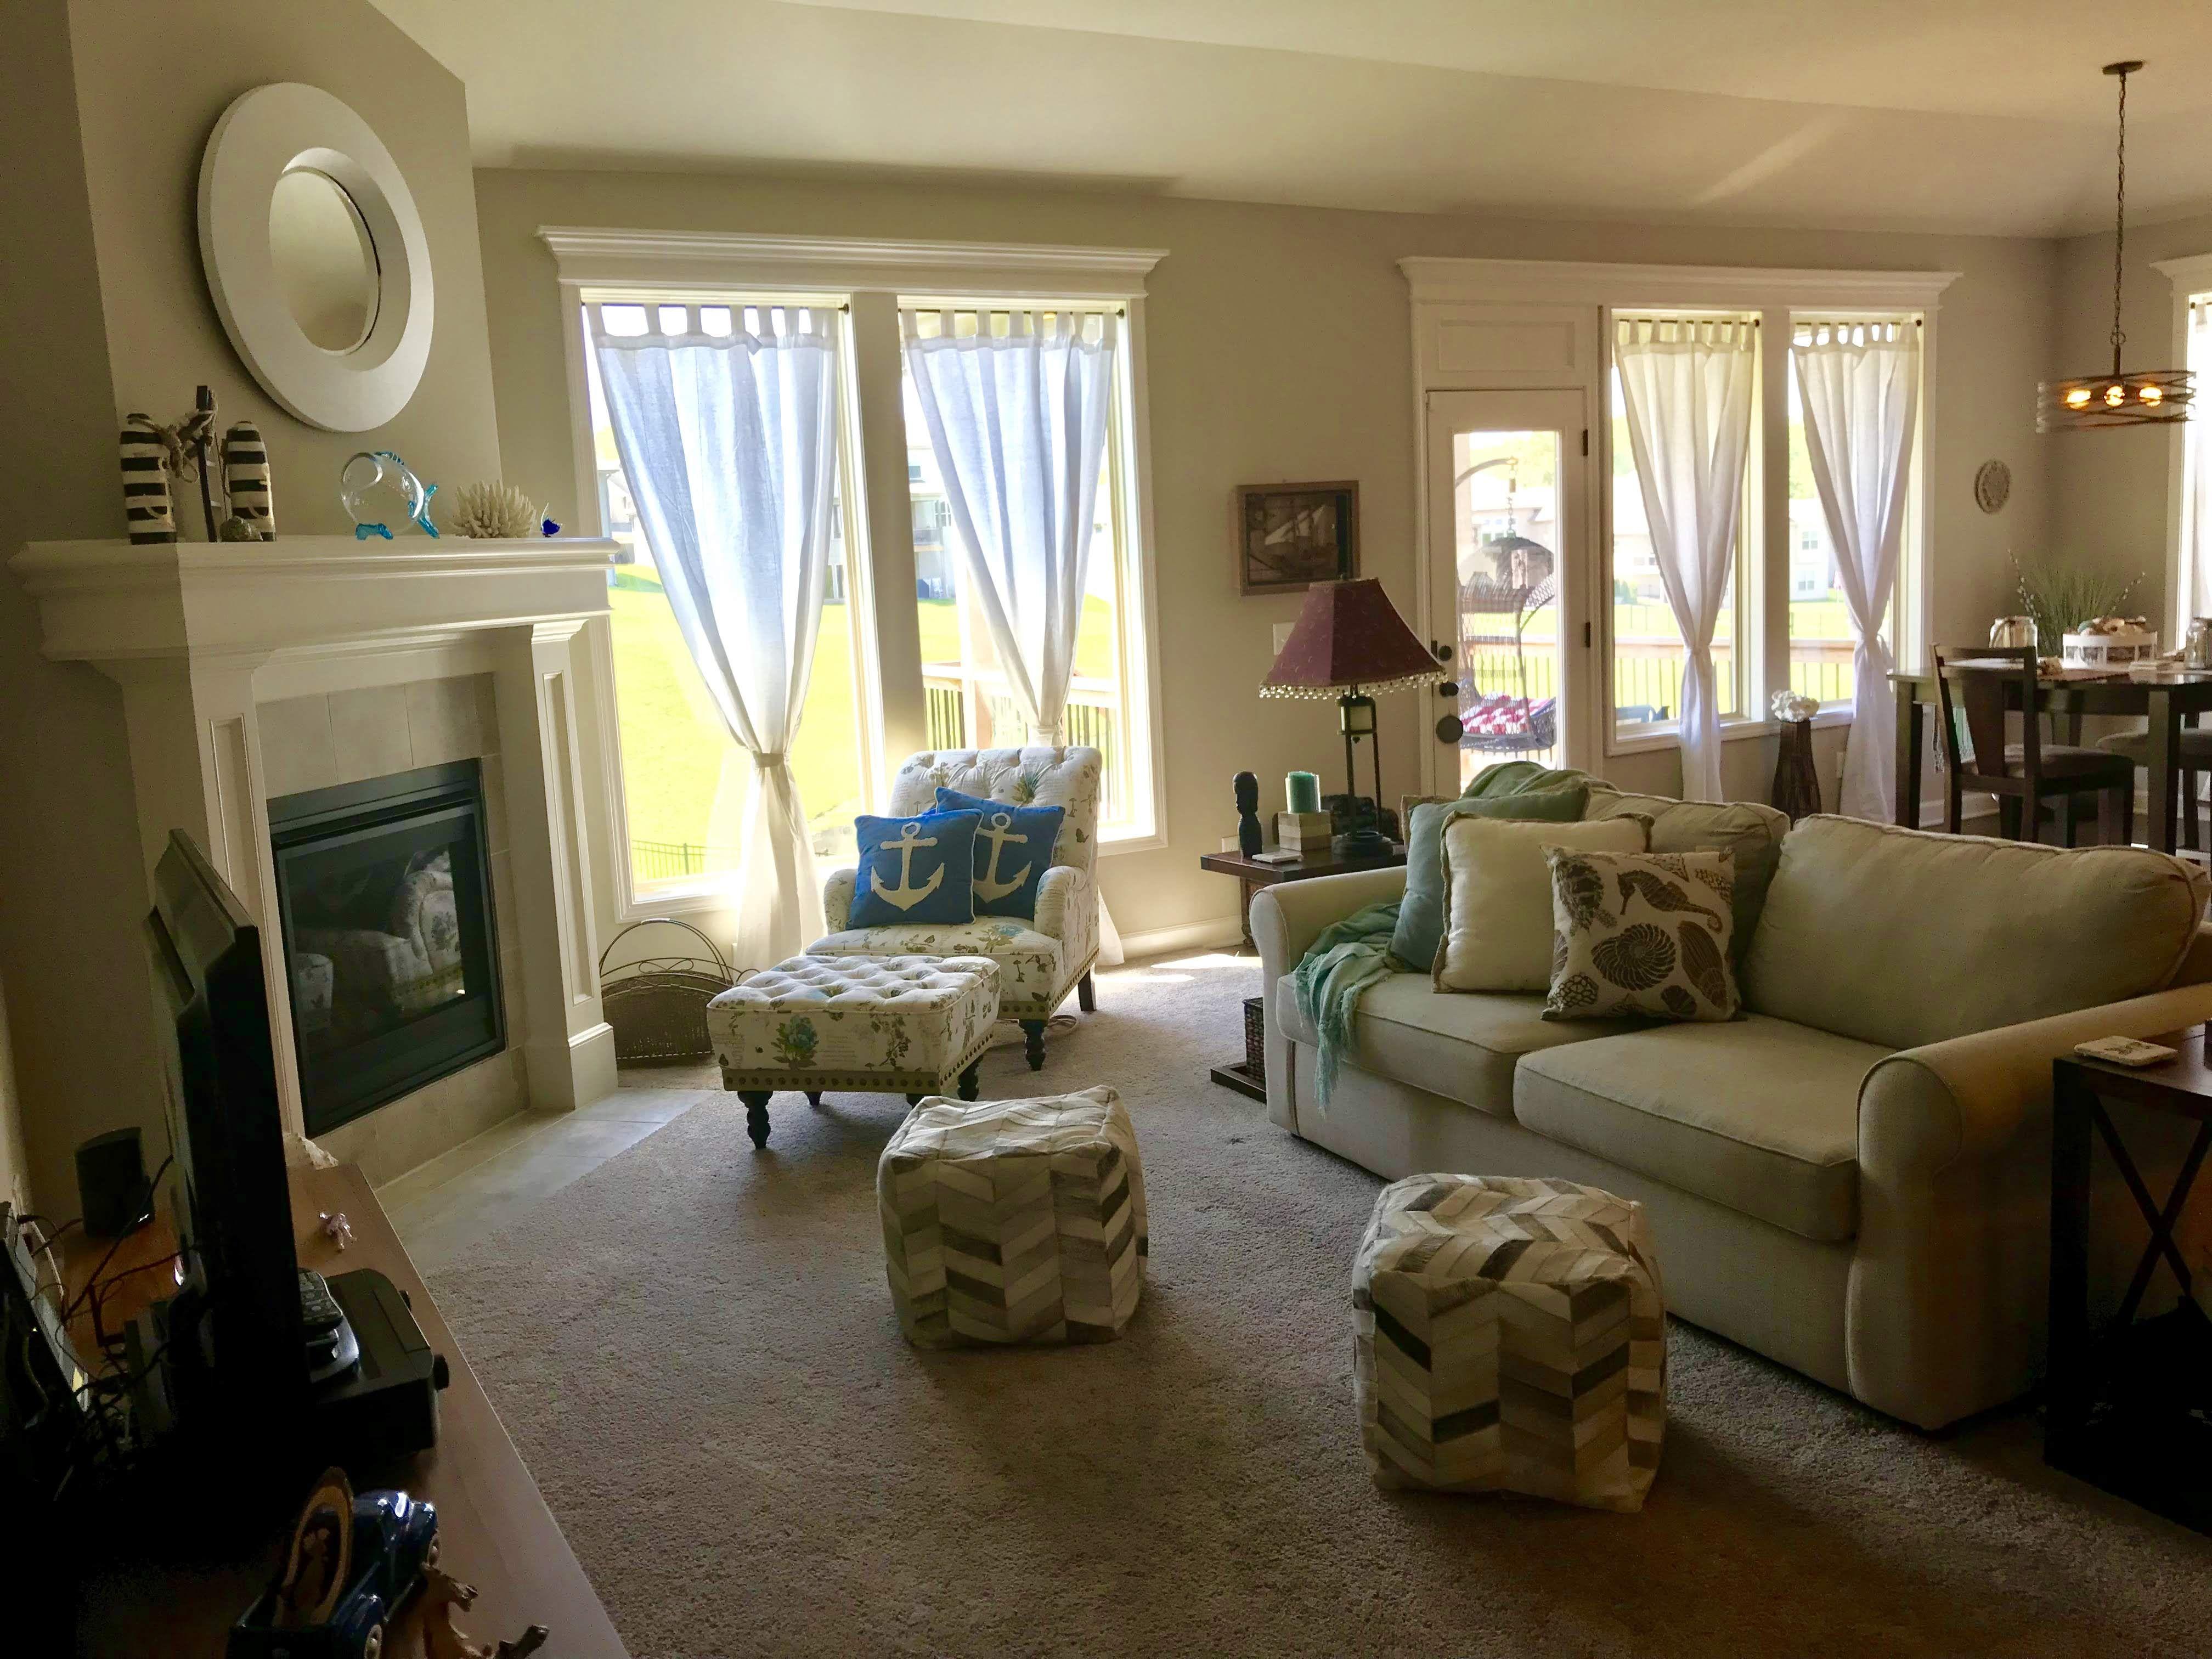 77 Comfy Coastal Living Room Decorating Ideas Livingroomideas Livingroomdecor Livin Coastal Decorating Living Room Farm House Living Room Beach Living Room